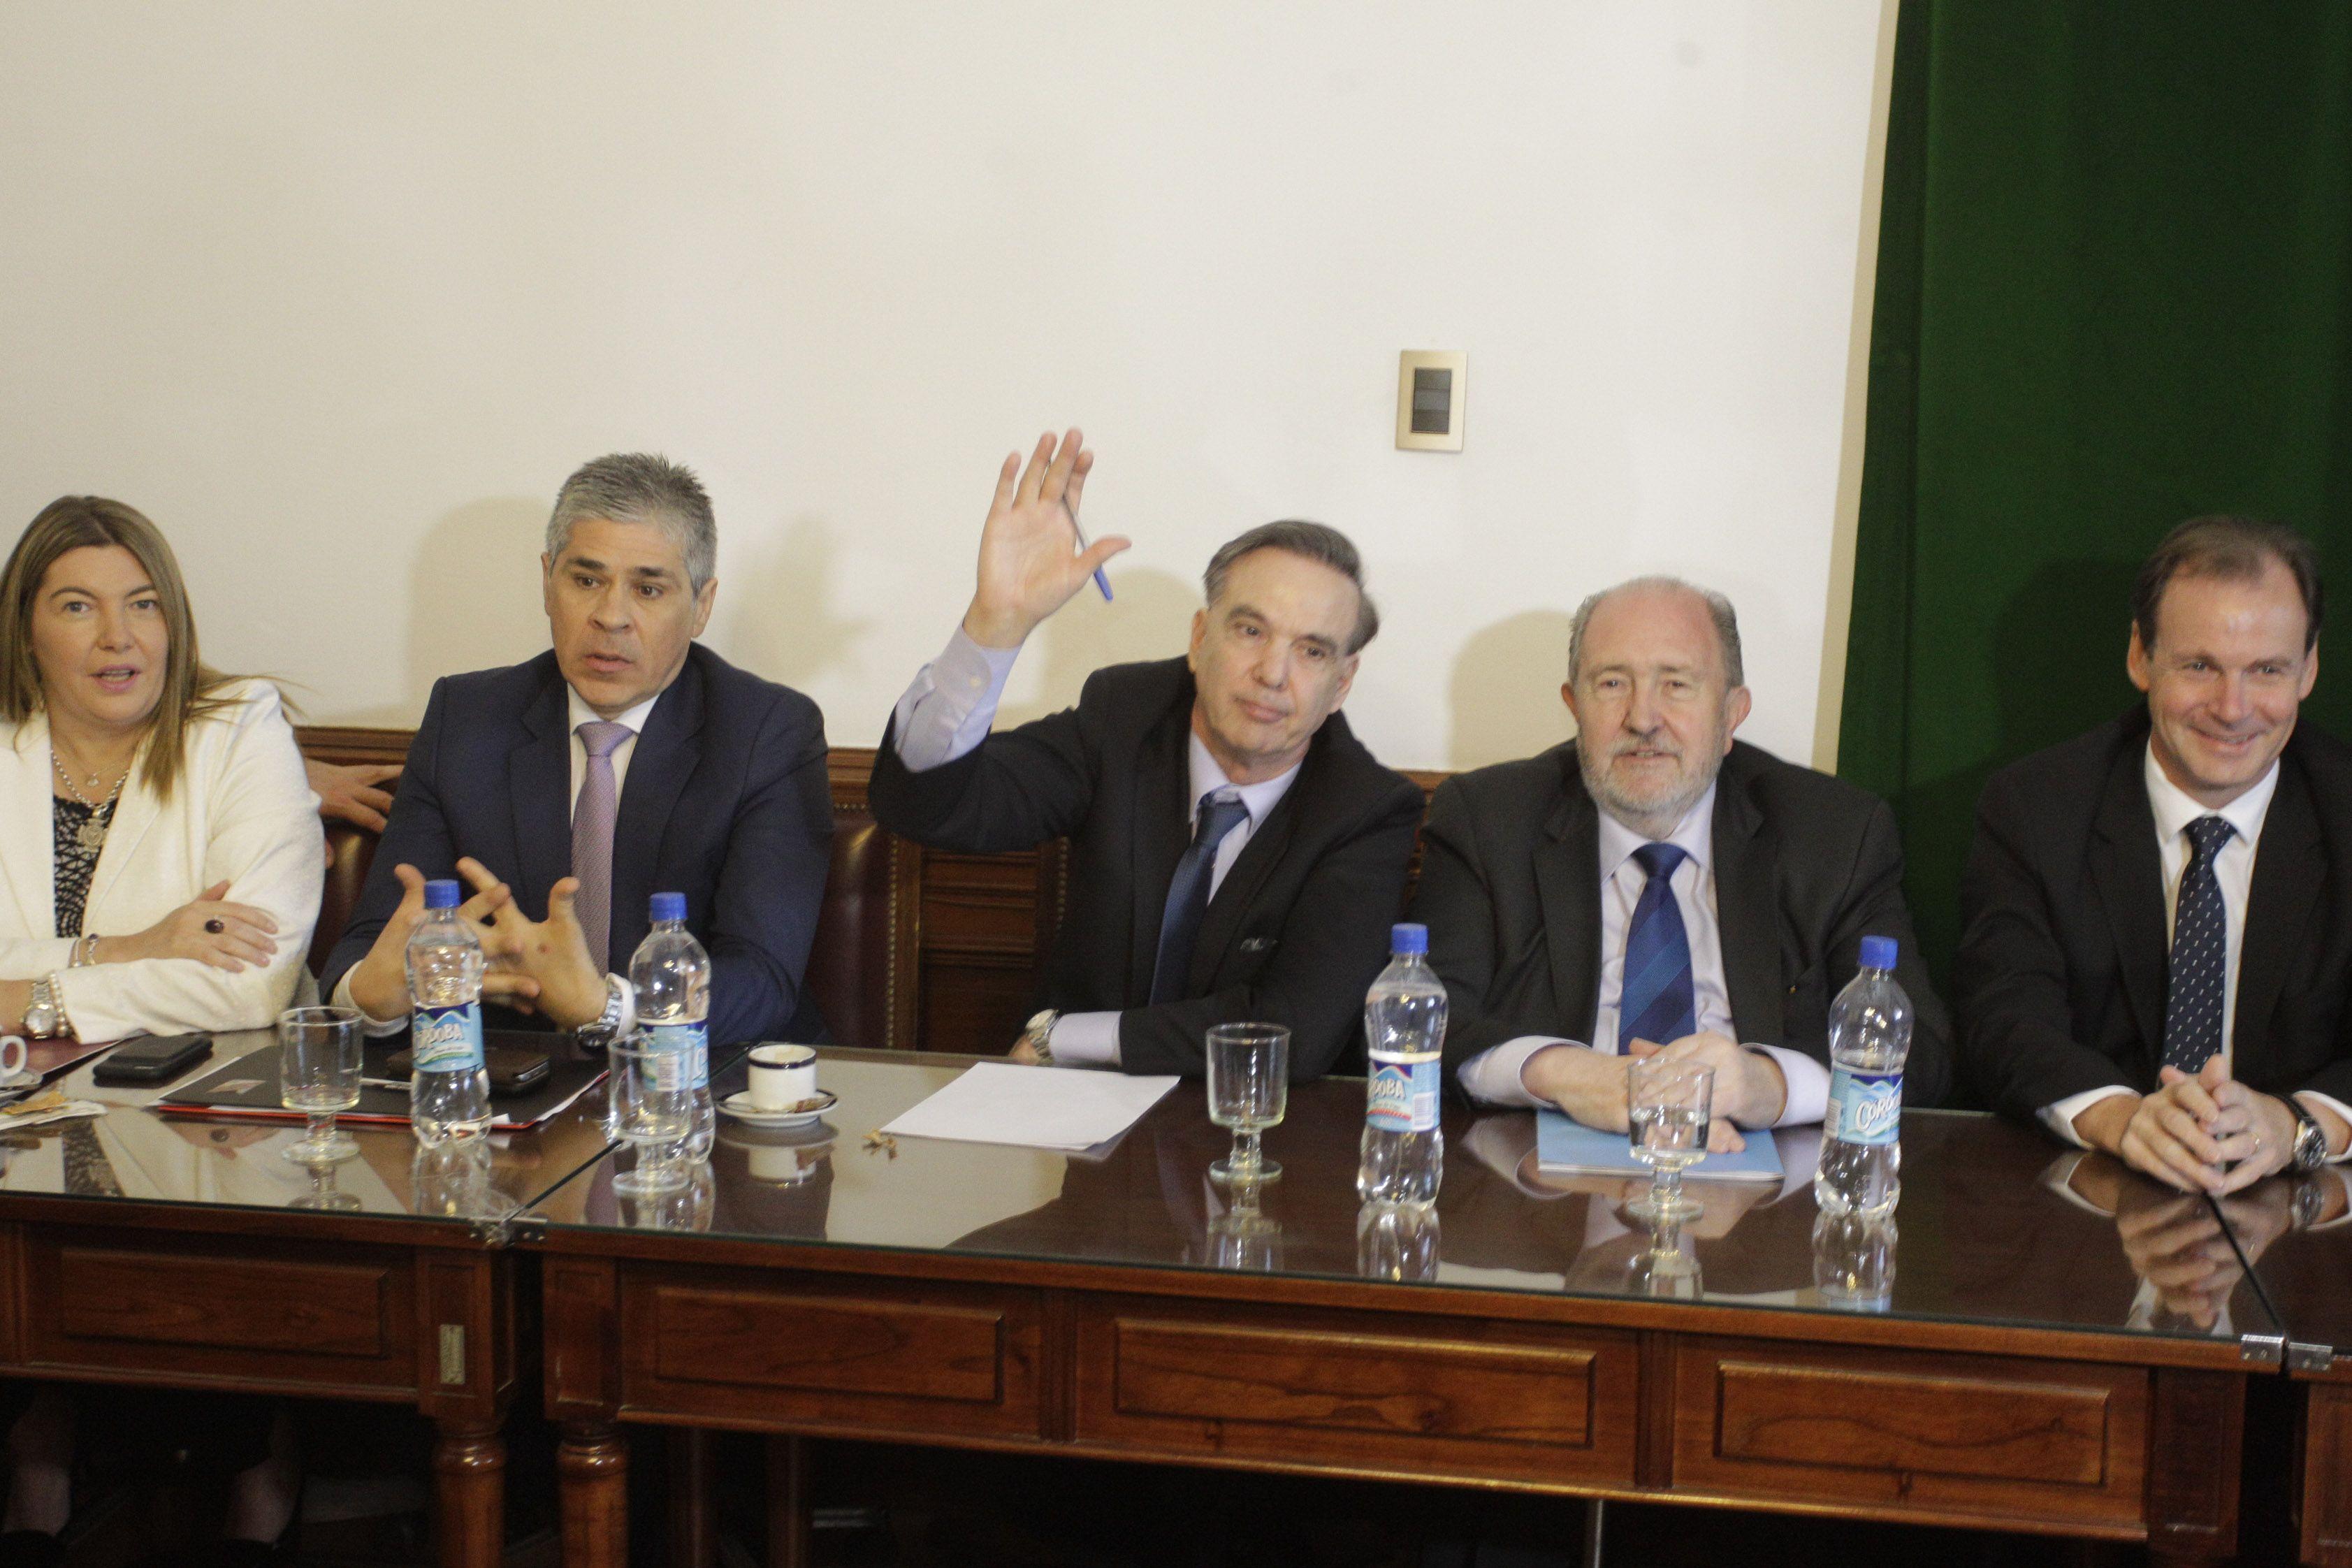 Senadores y Miguel Ángel Pichetto